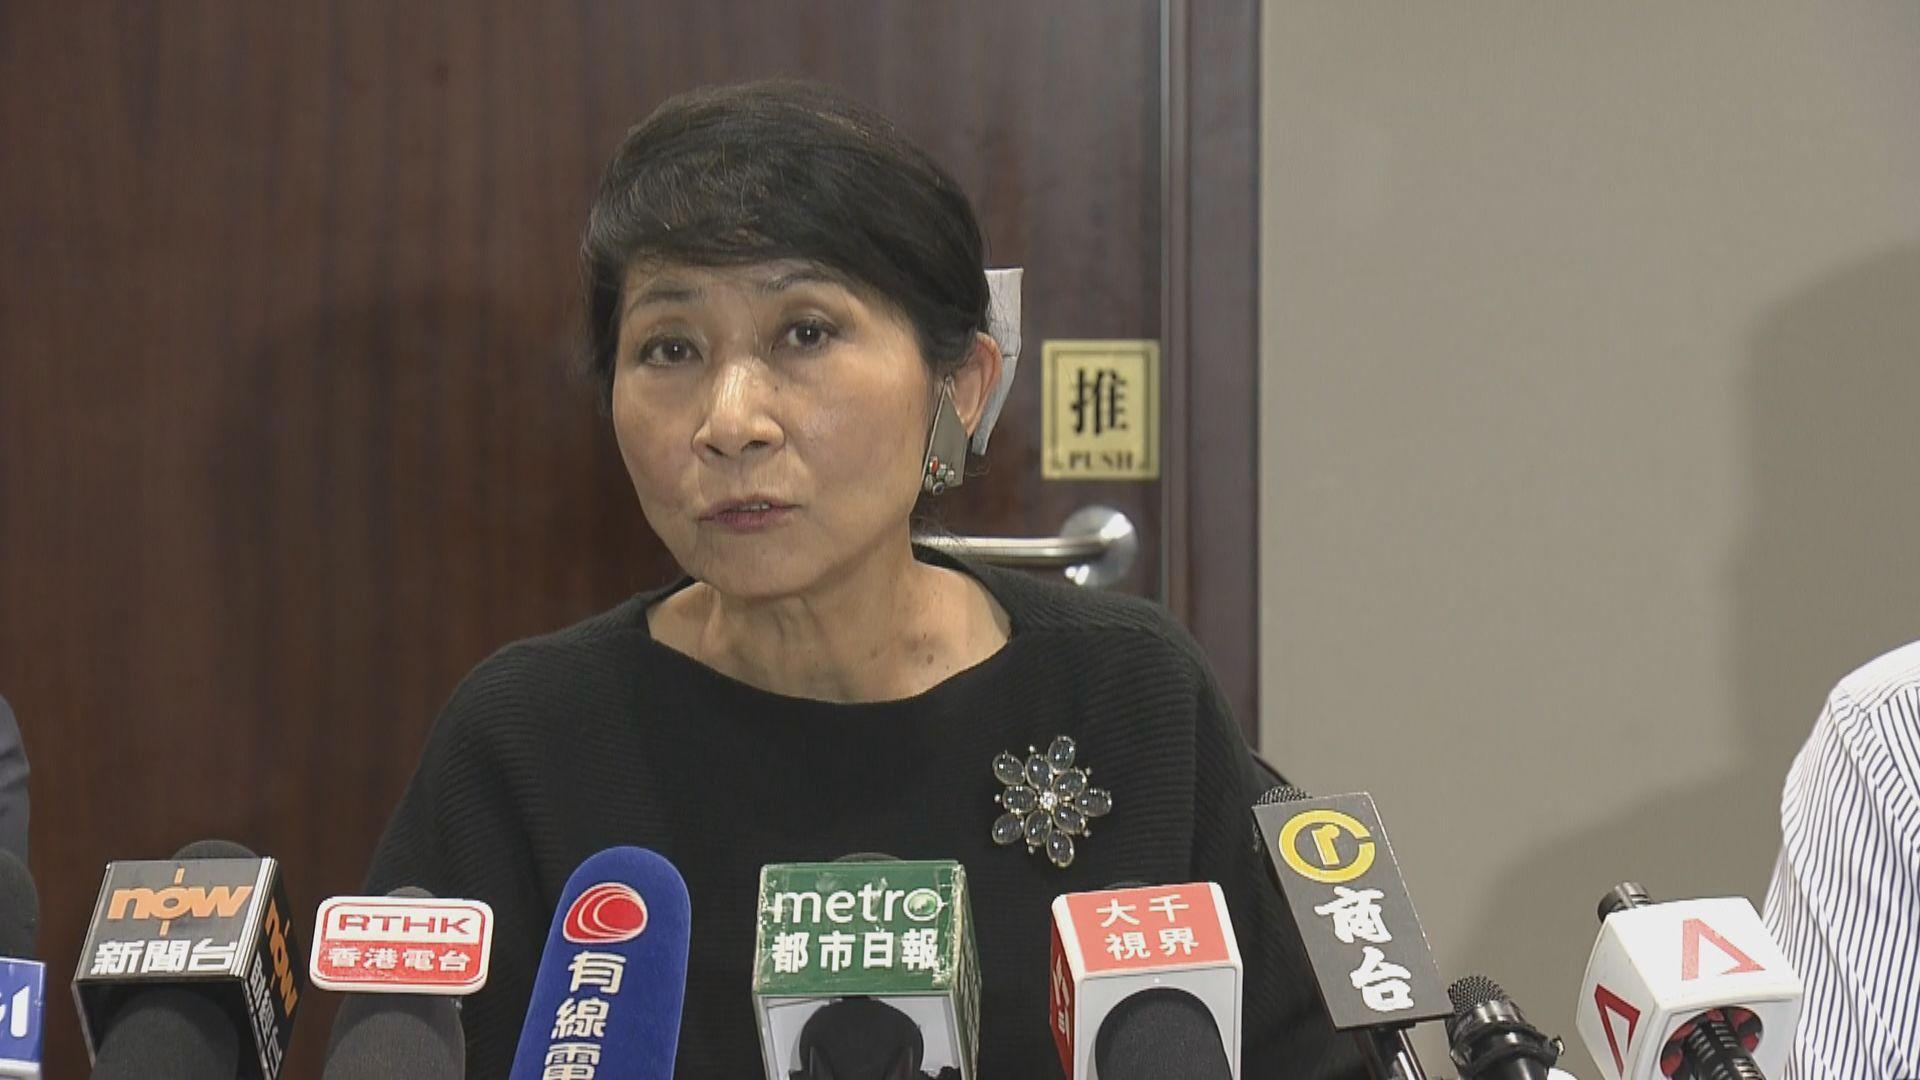 泛民主派憂北京力挺警隊對局勢火上加油